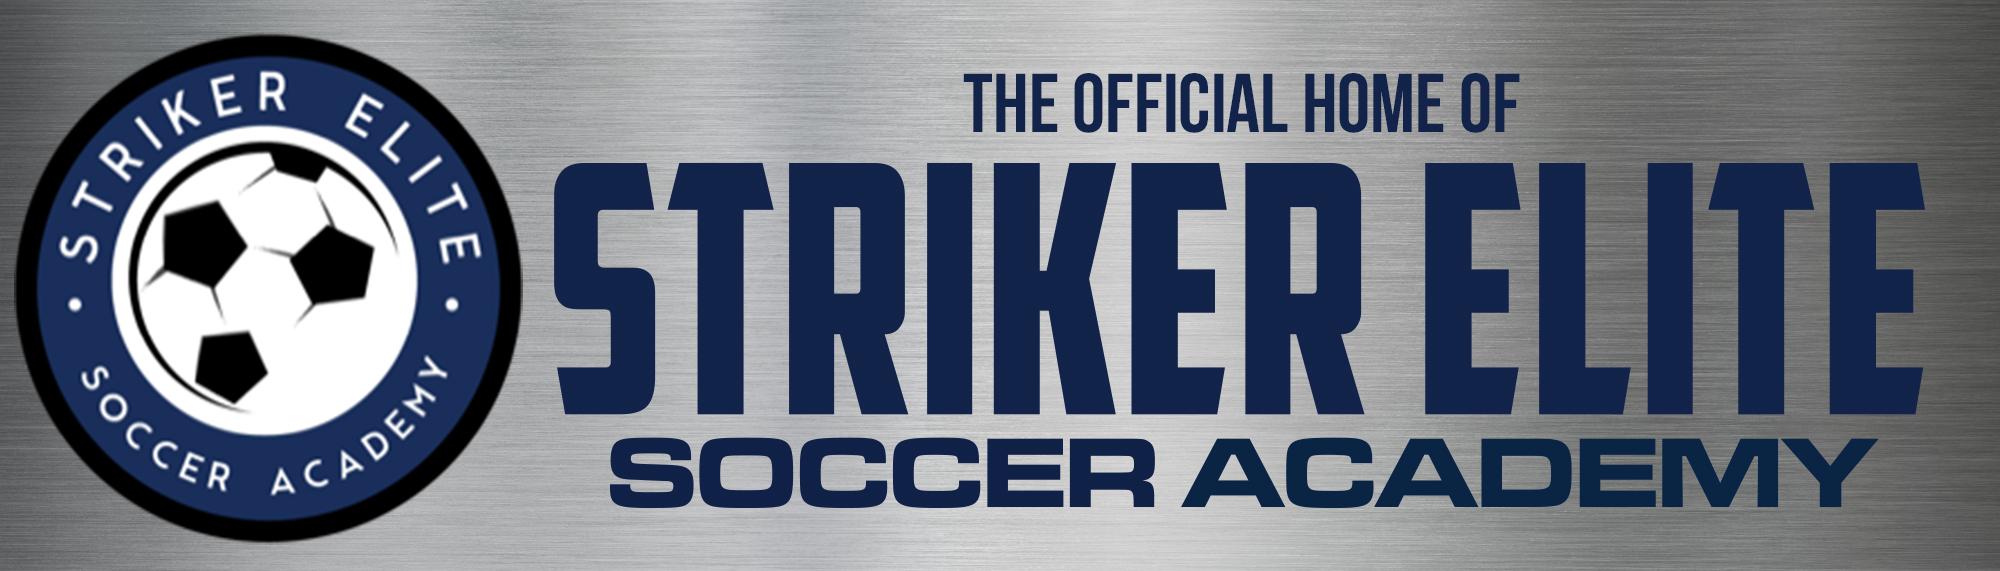 Striker banner 2